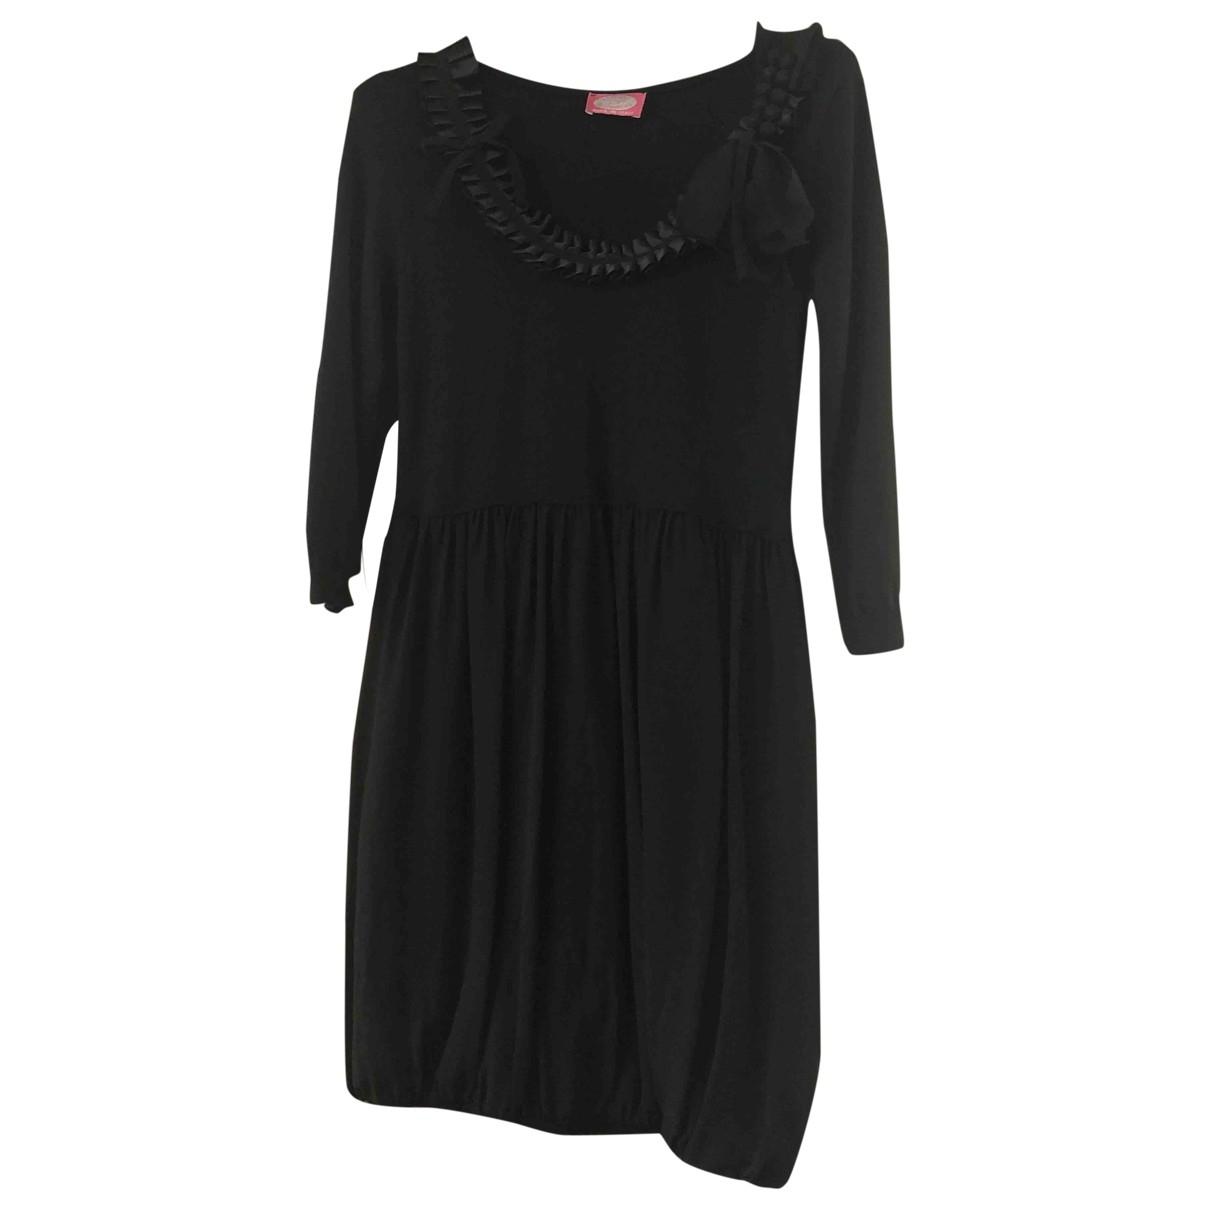 Blumarine \N Black Wool dress for Women 40 IT